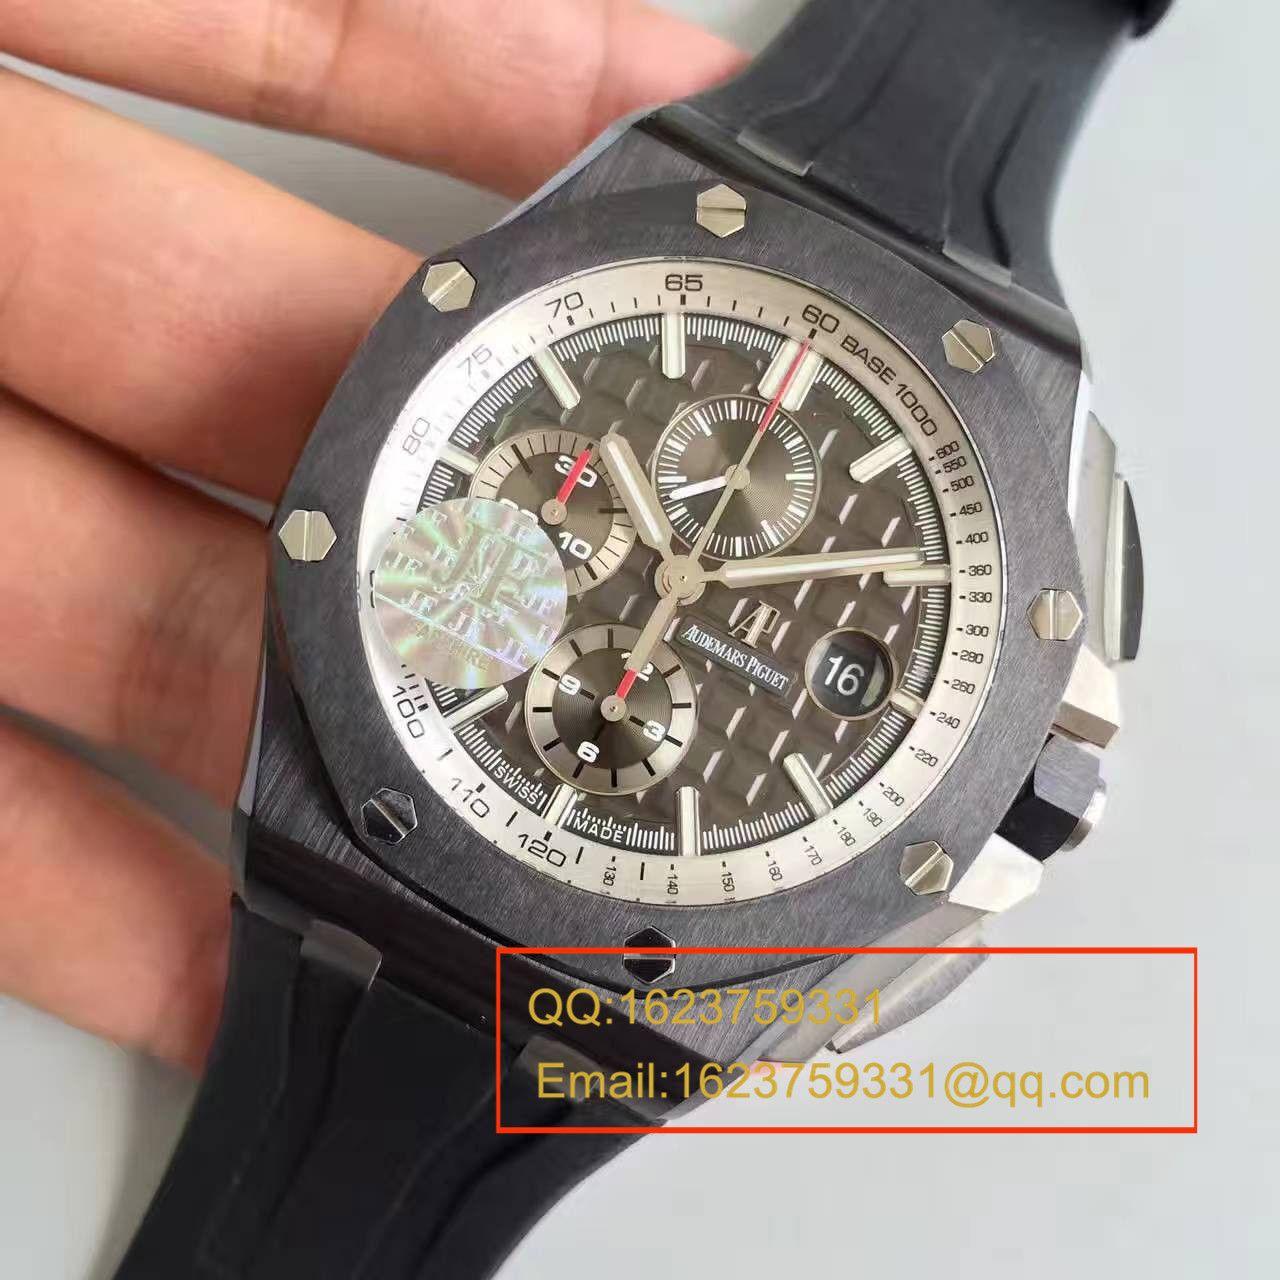 【JF厂1:1超A精仿手表】爱彼皇家橡树离岸型系列26405CE.OO.A002CA.01腕表